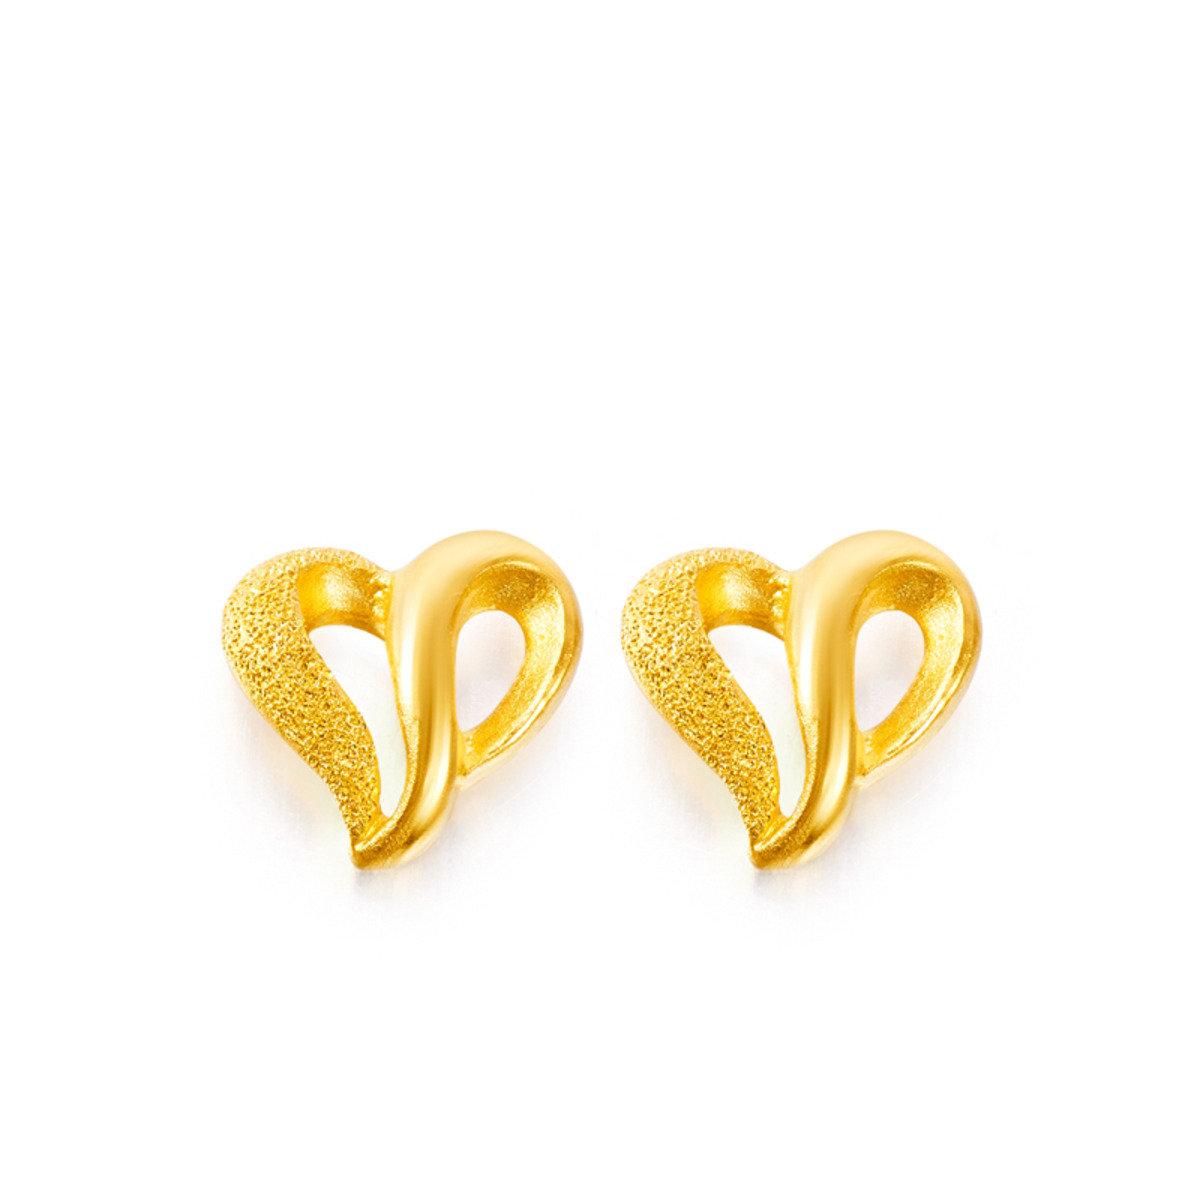 999.9黃金耳環